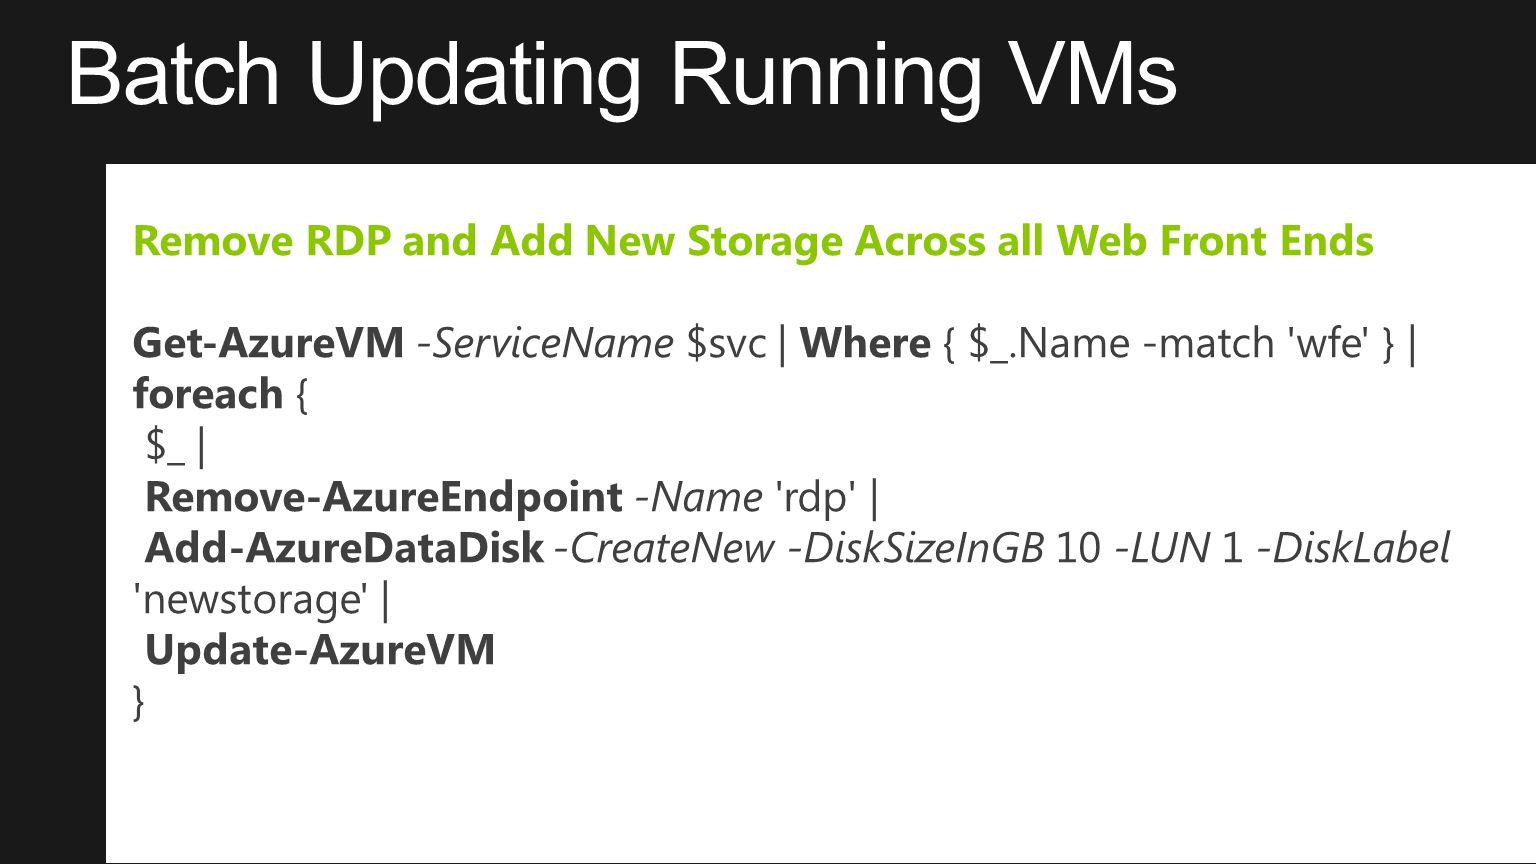 Batch Updating Running VMs